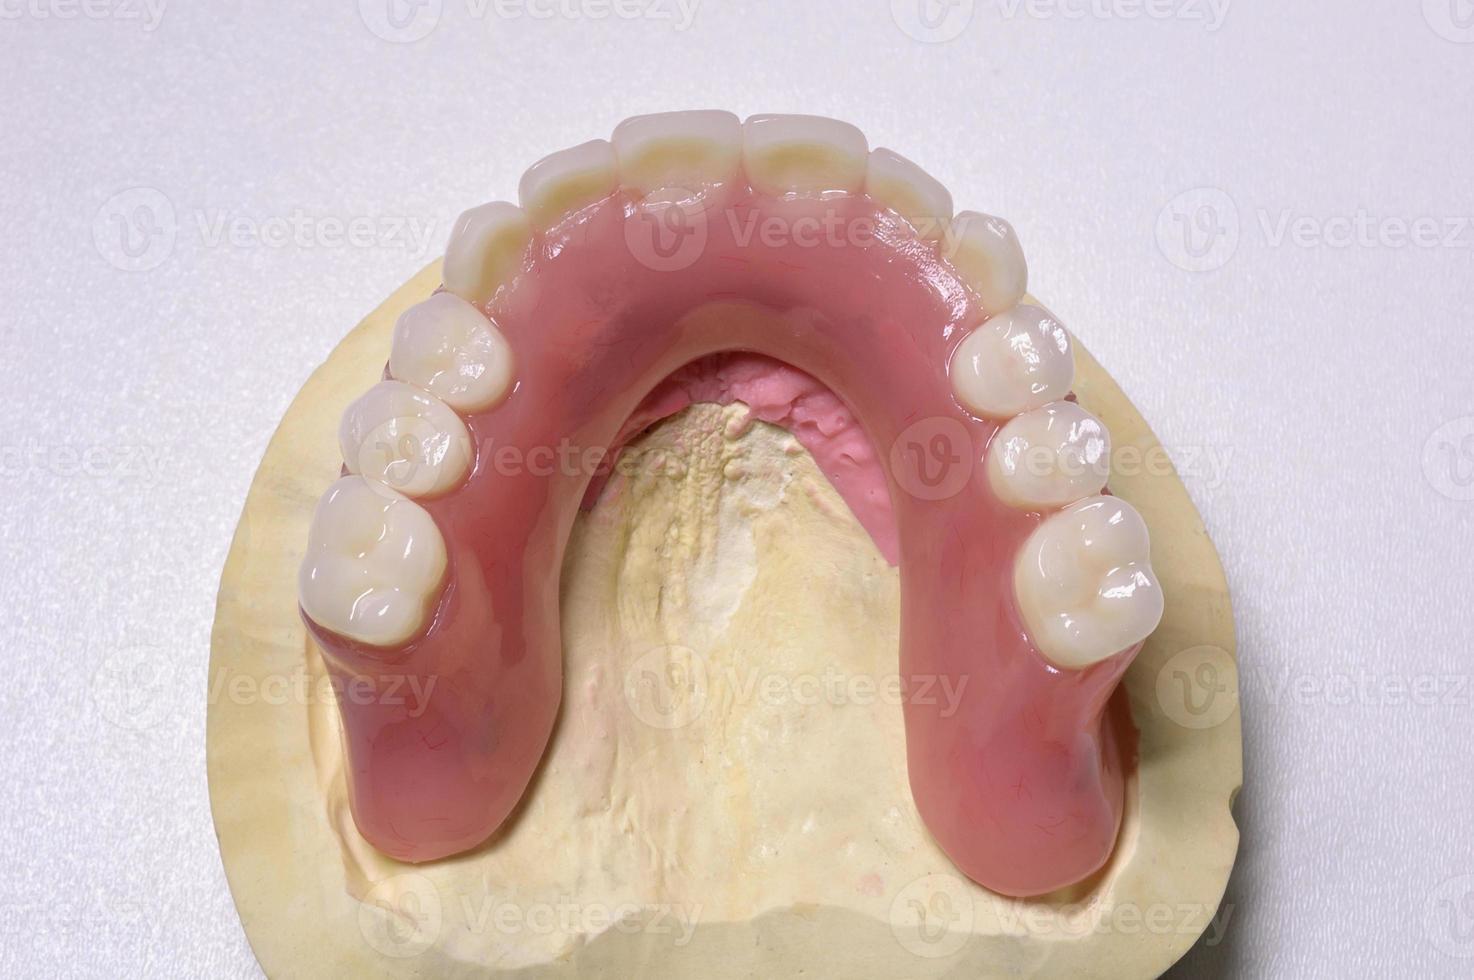 Dental prosthesis photo